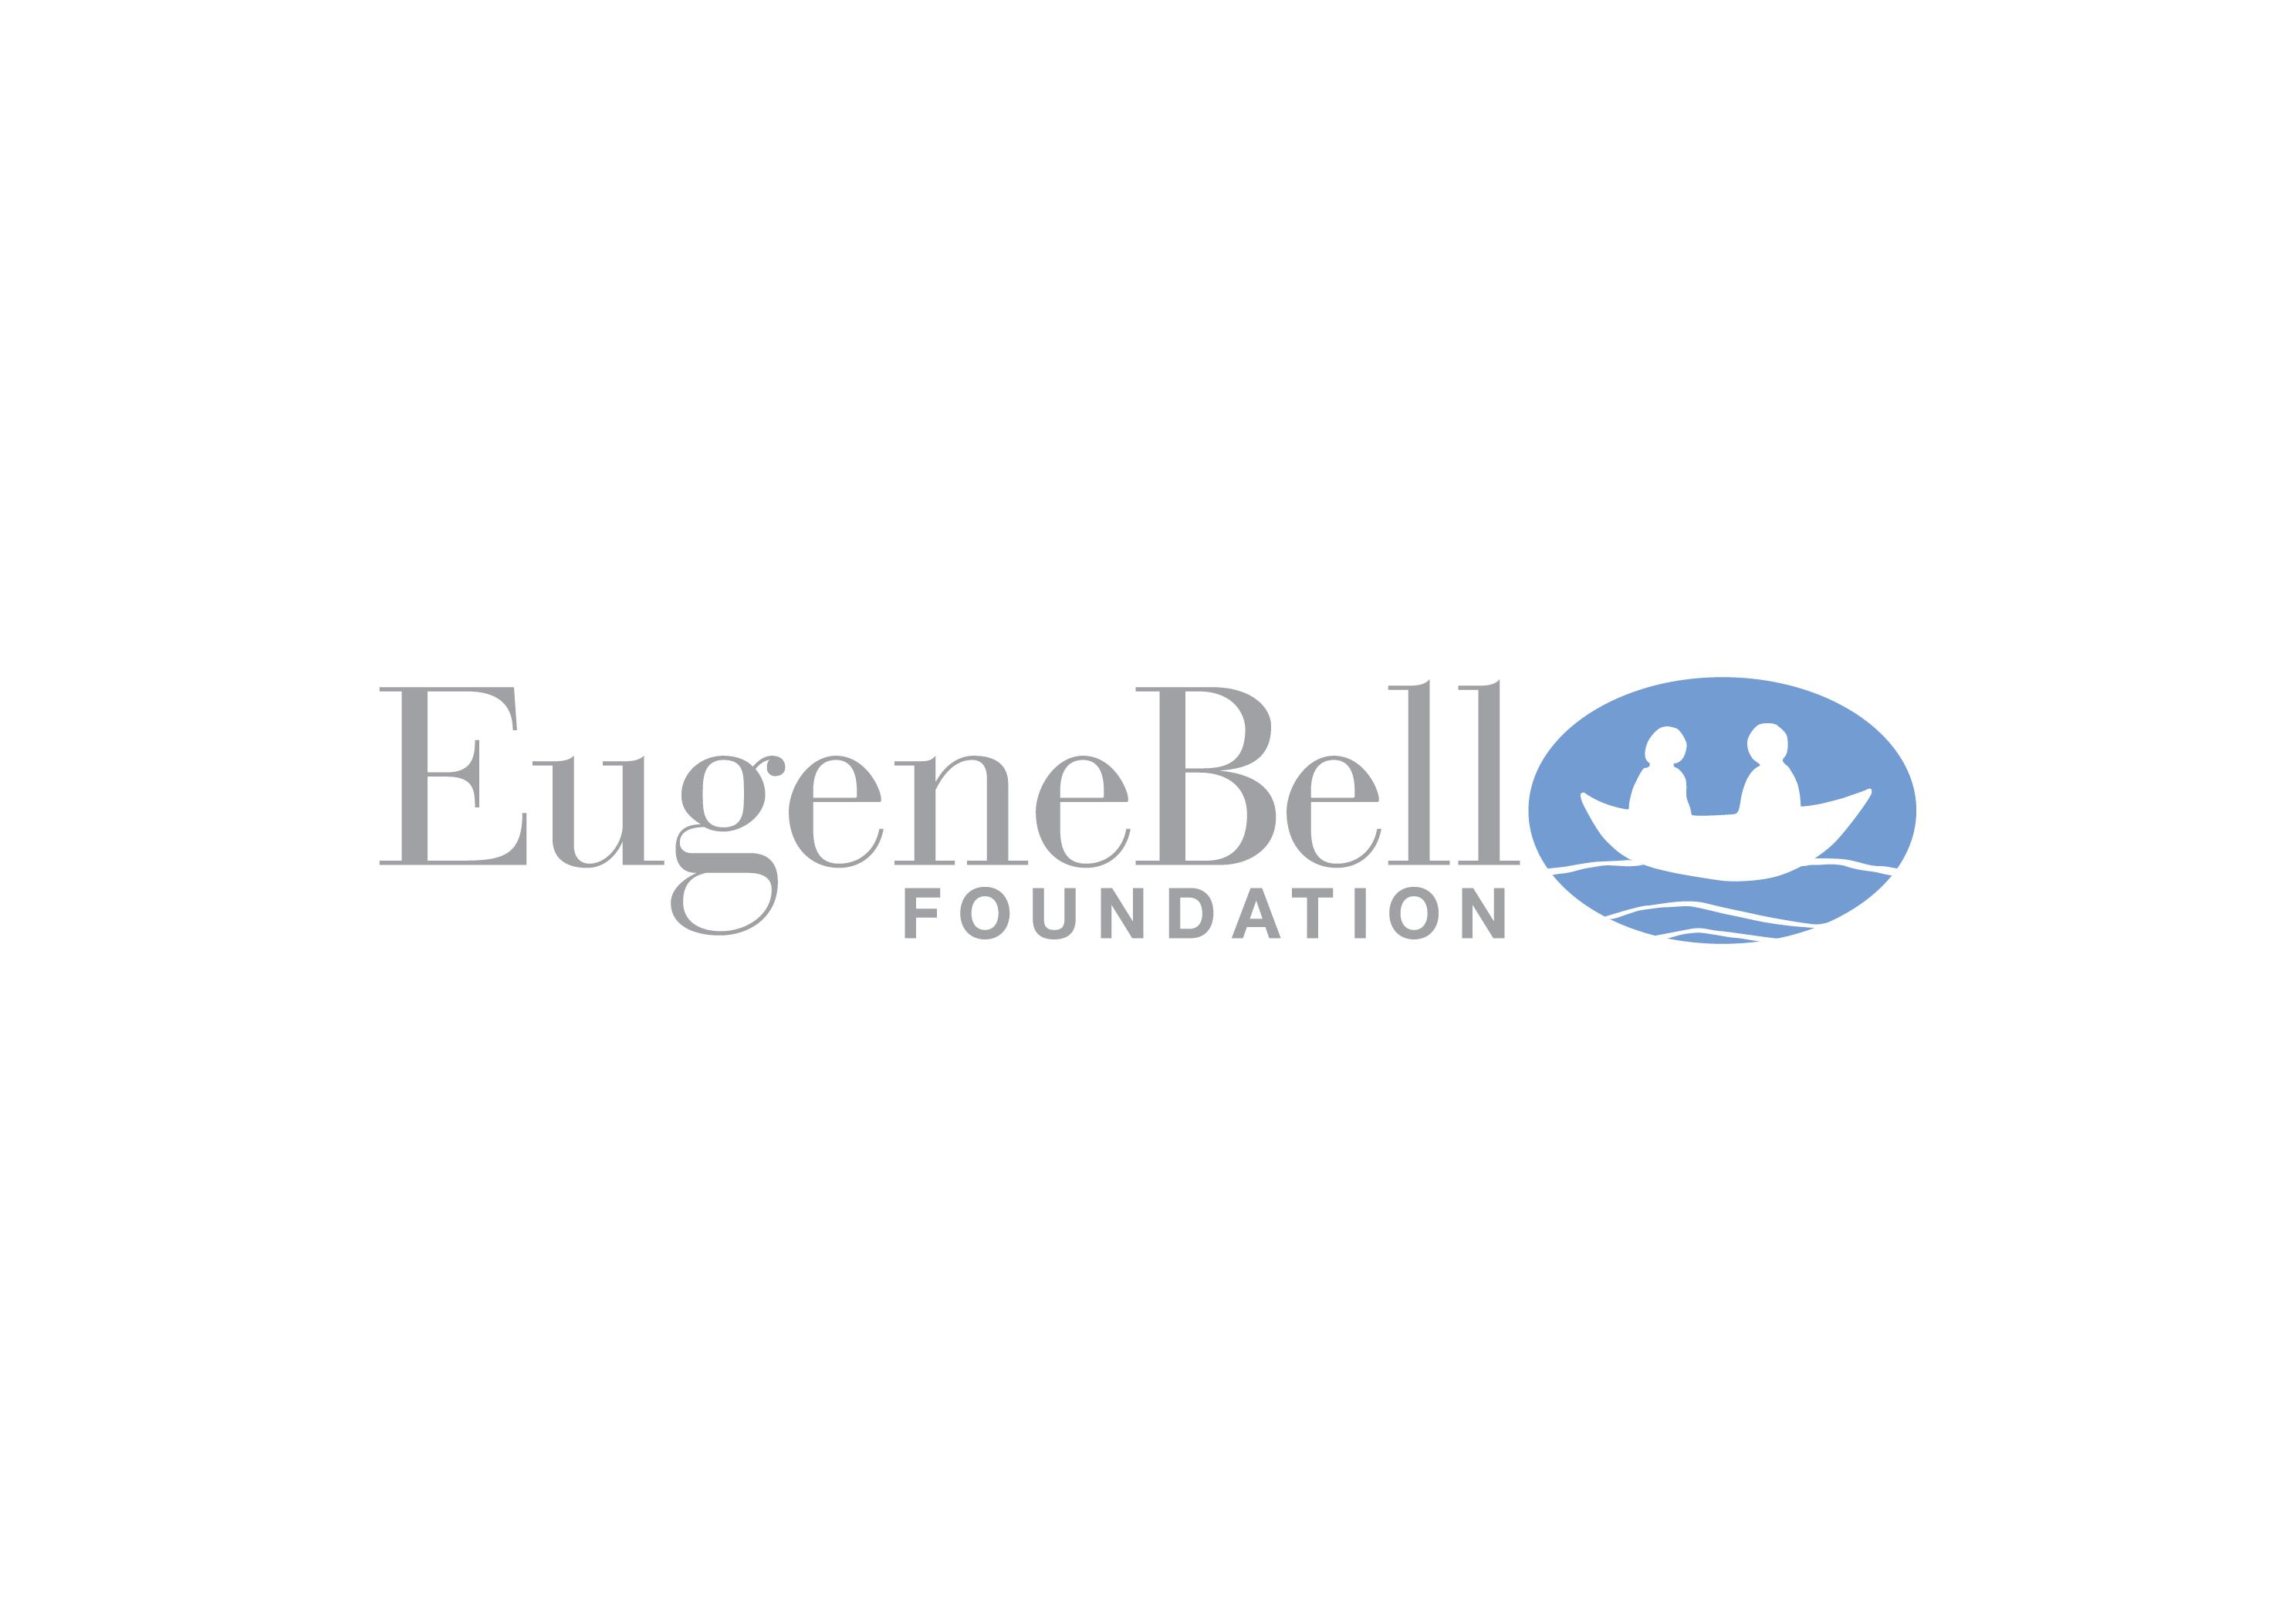 Eugene Bell Brand Identity